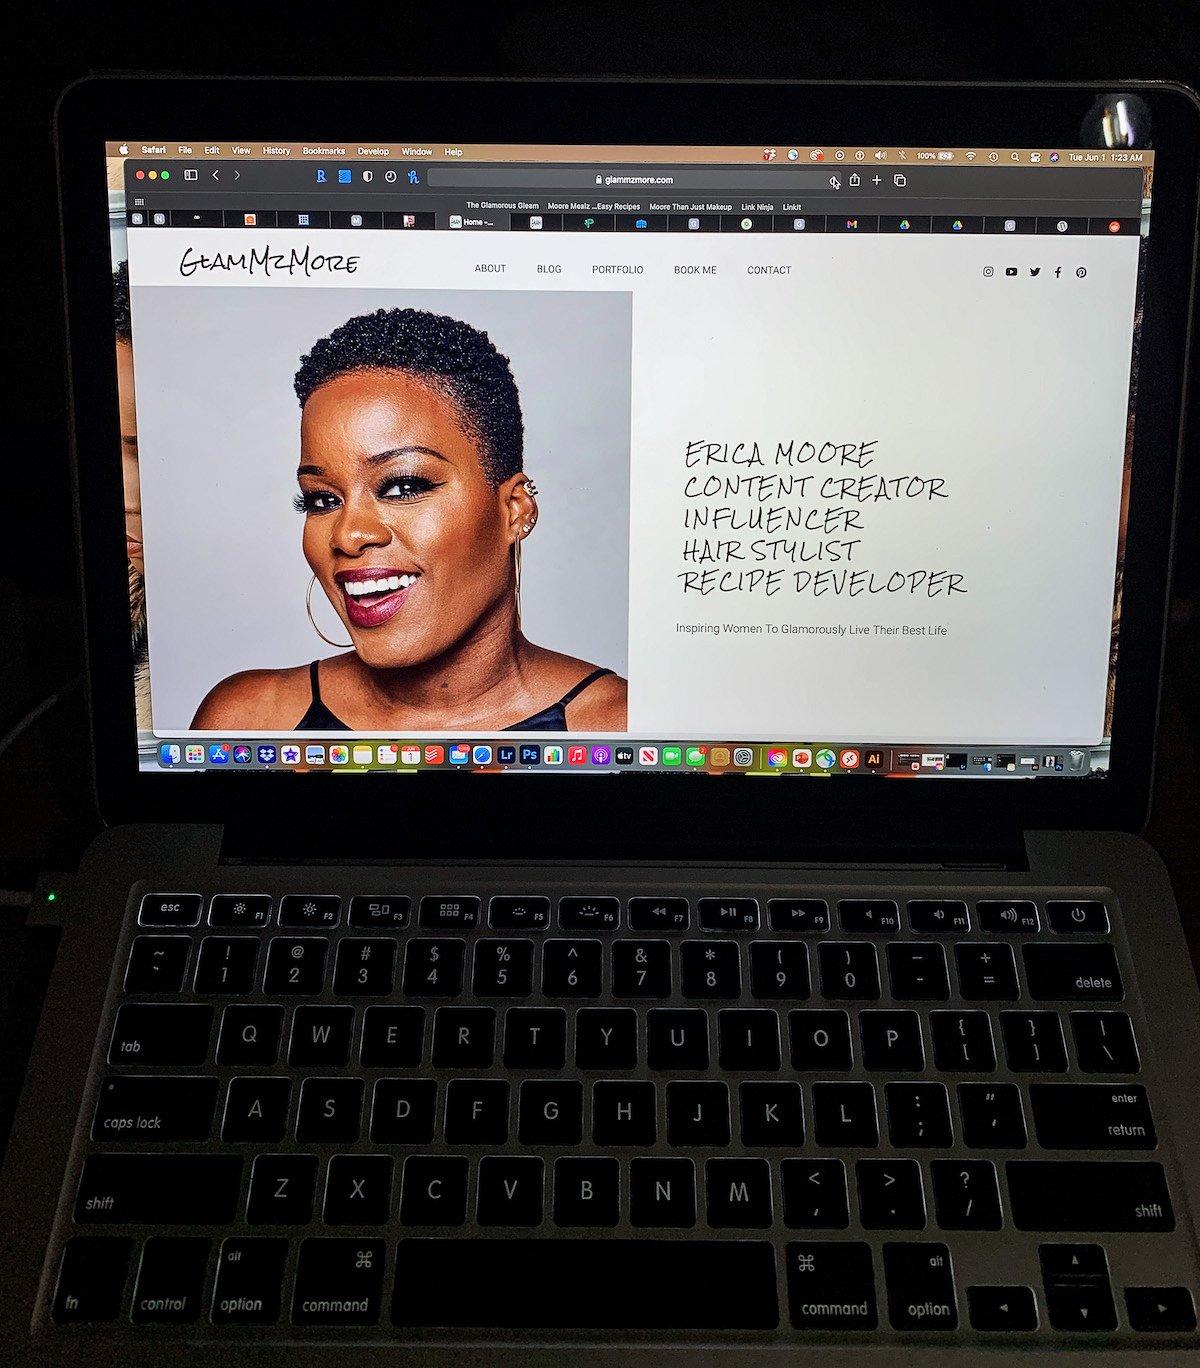 The Glamorous Gleam's GlamMzMore Personal Website